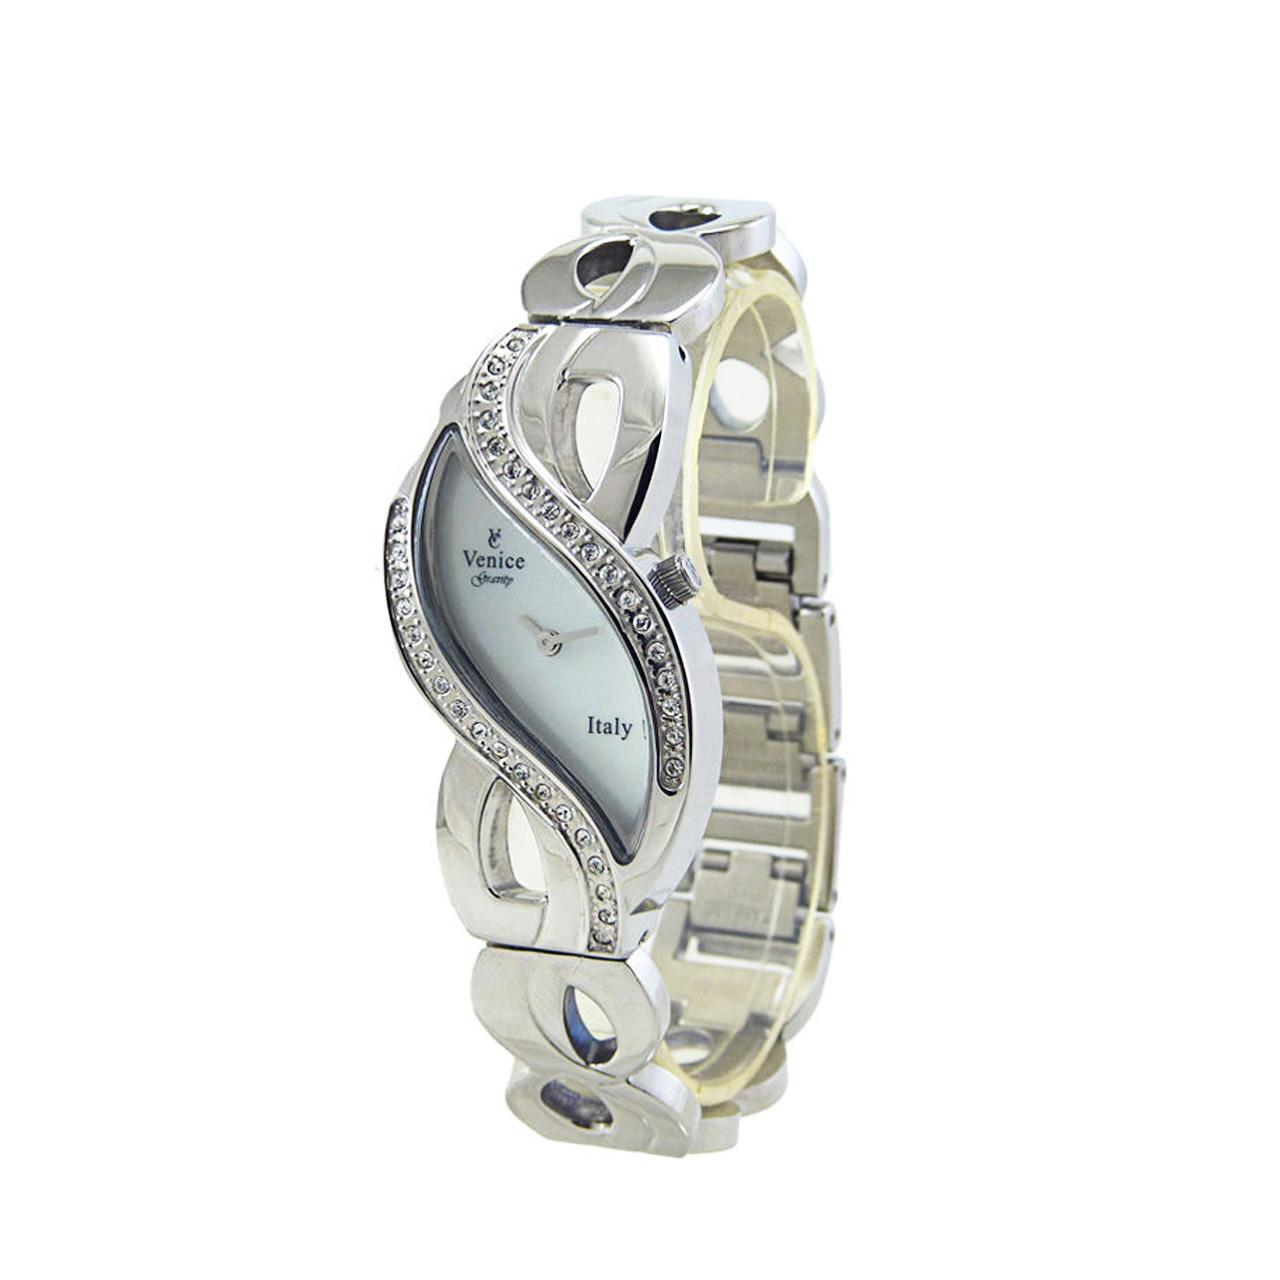 ساعت مچی عقربه ای زنانه ونیز مدل SV4005 12